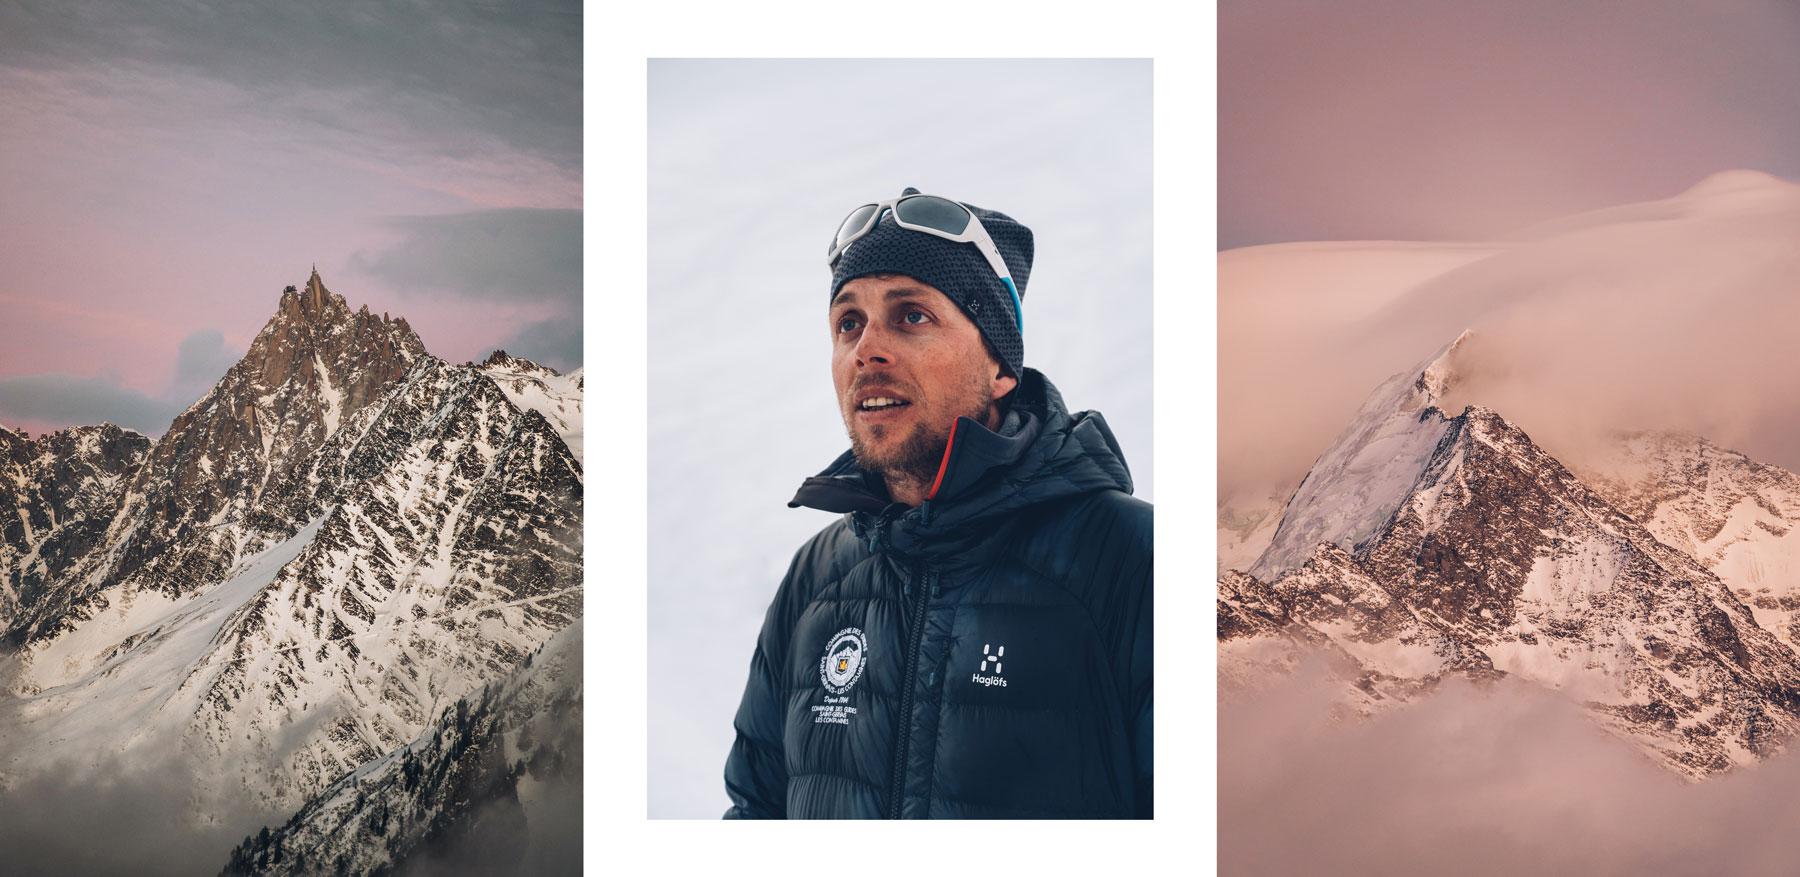 Guide Saint Gervais Mont Blanc, Julien